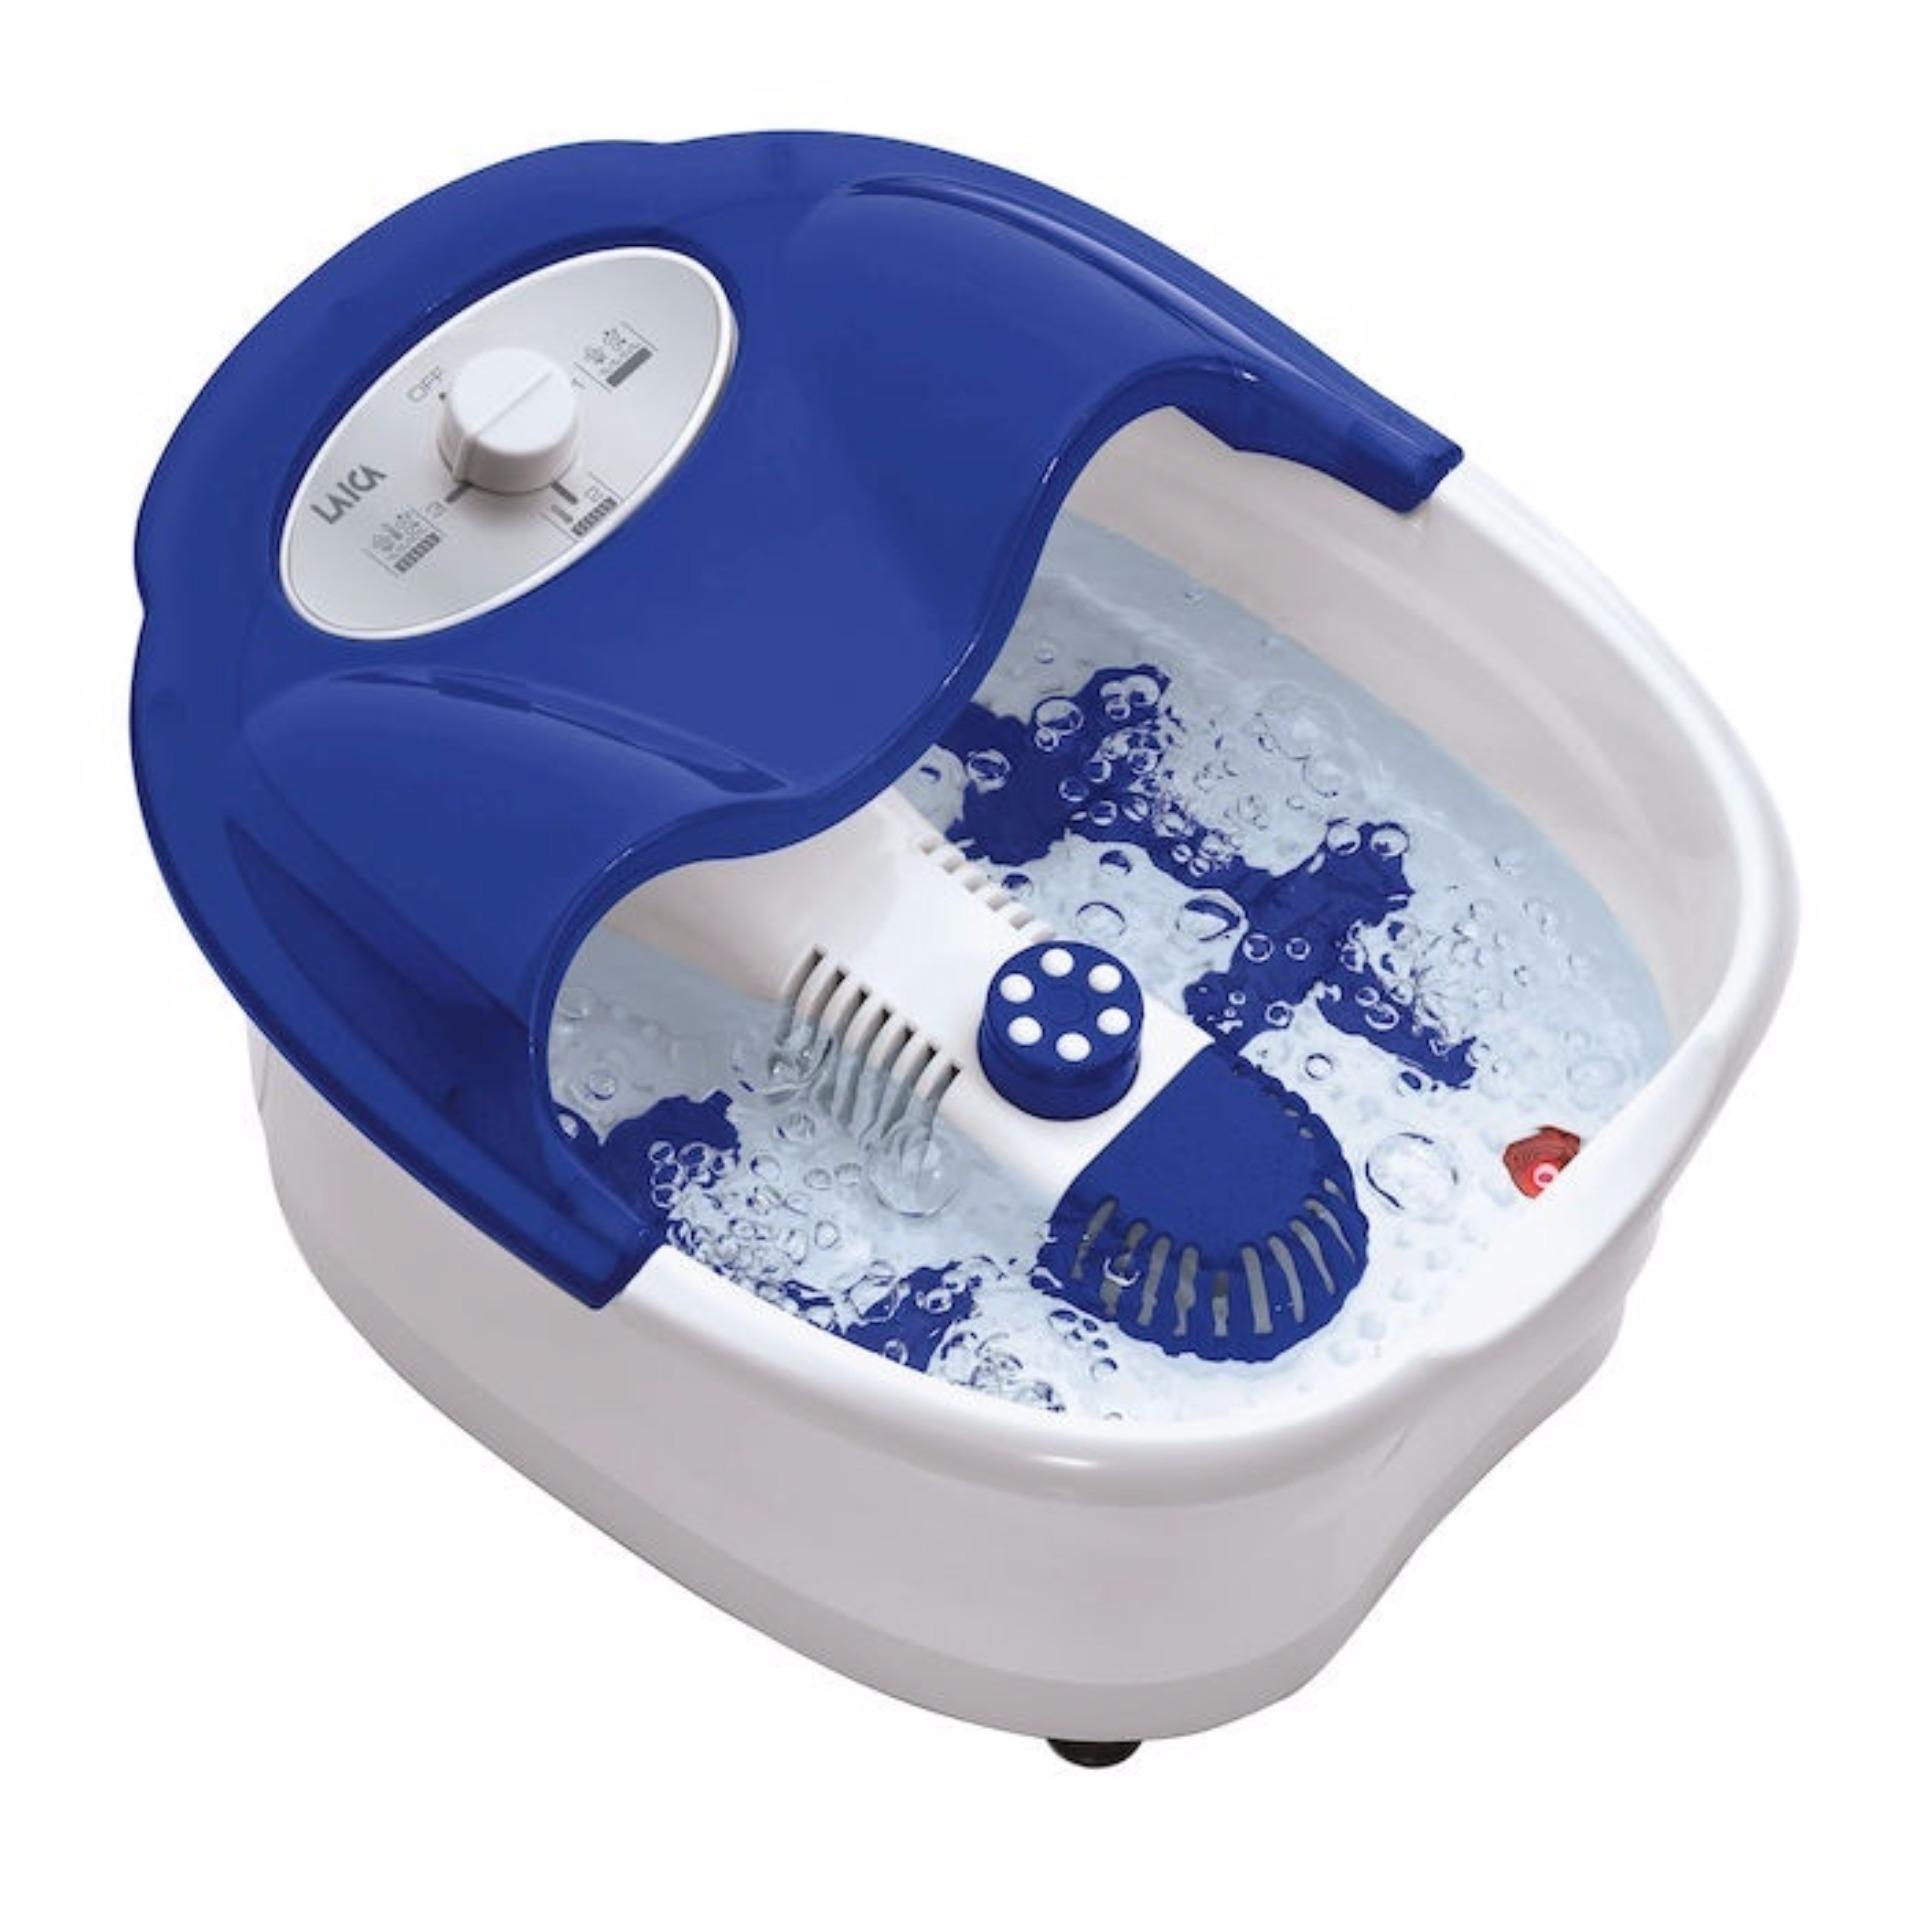 Bồn ngâm, mát-xa (massage) chân làm nóng nước nhập khẩu Italy Laica-PC1301